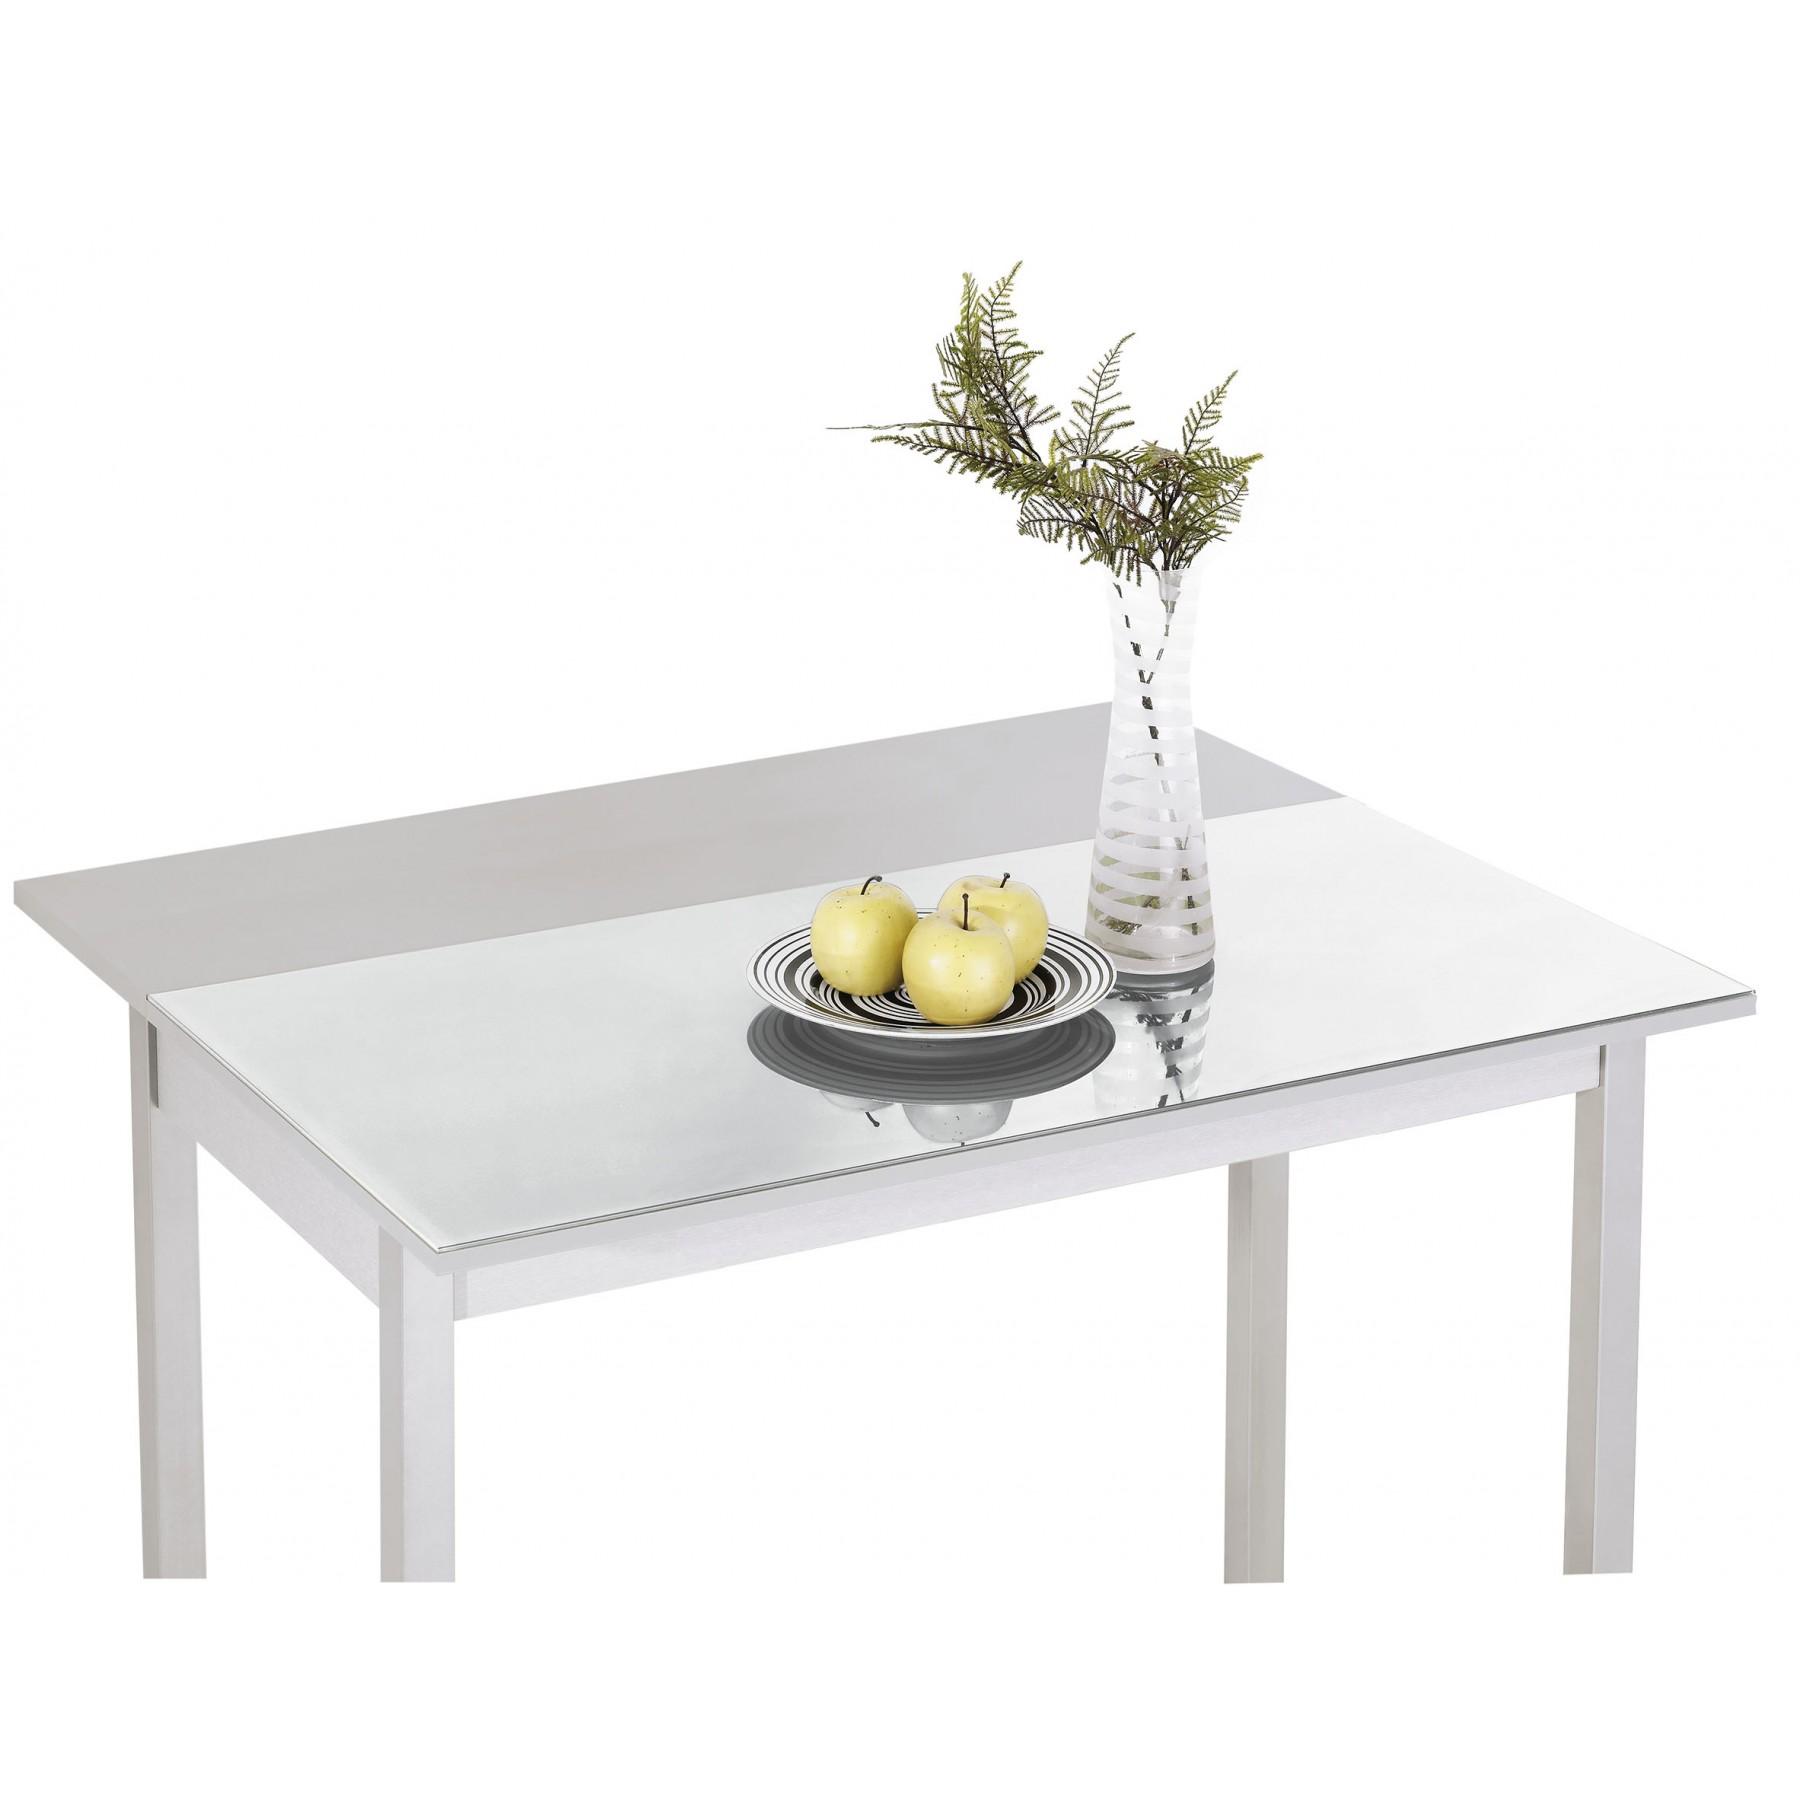 Conjunto Mesa Cocina y sillas/taburete ala extensible frontal ADD